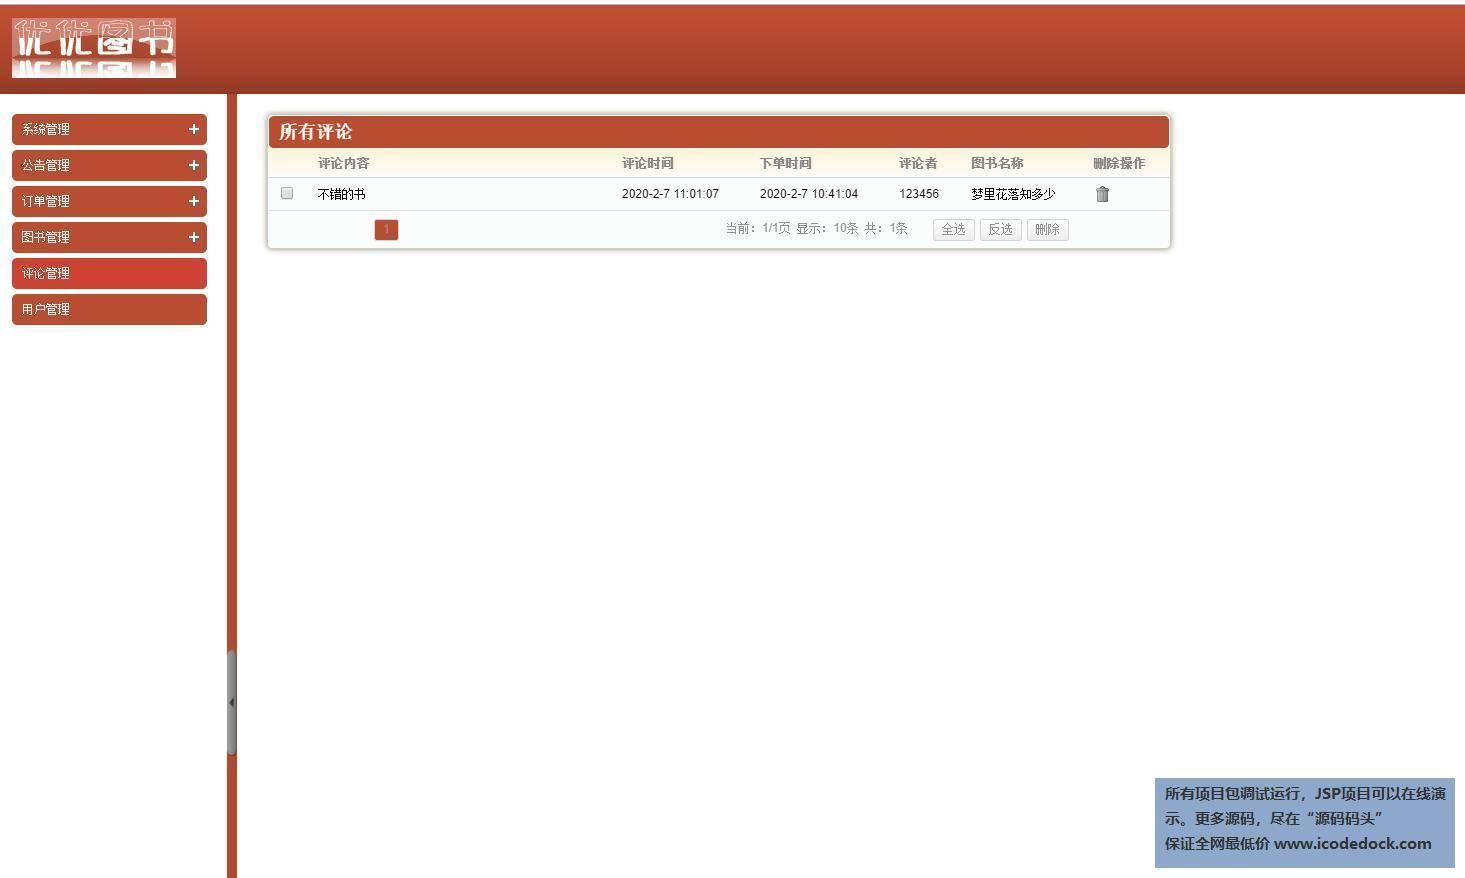 源码码头-Spring图书销售管理系统-管理员角色-评论管理